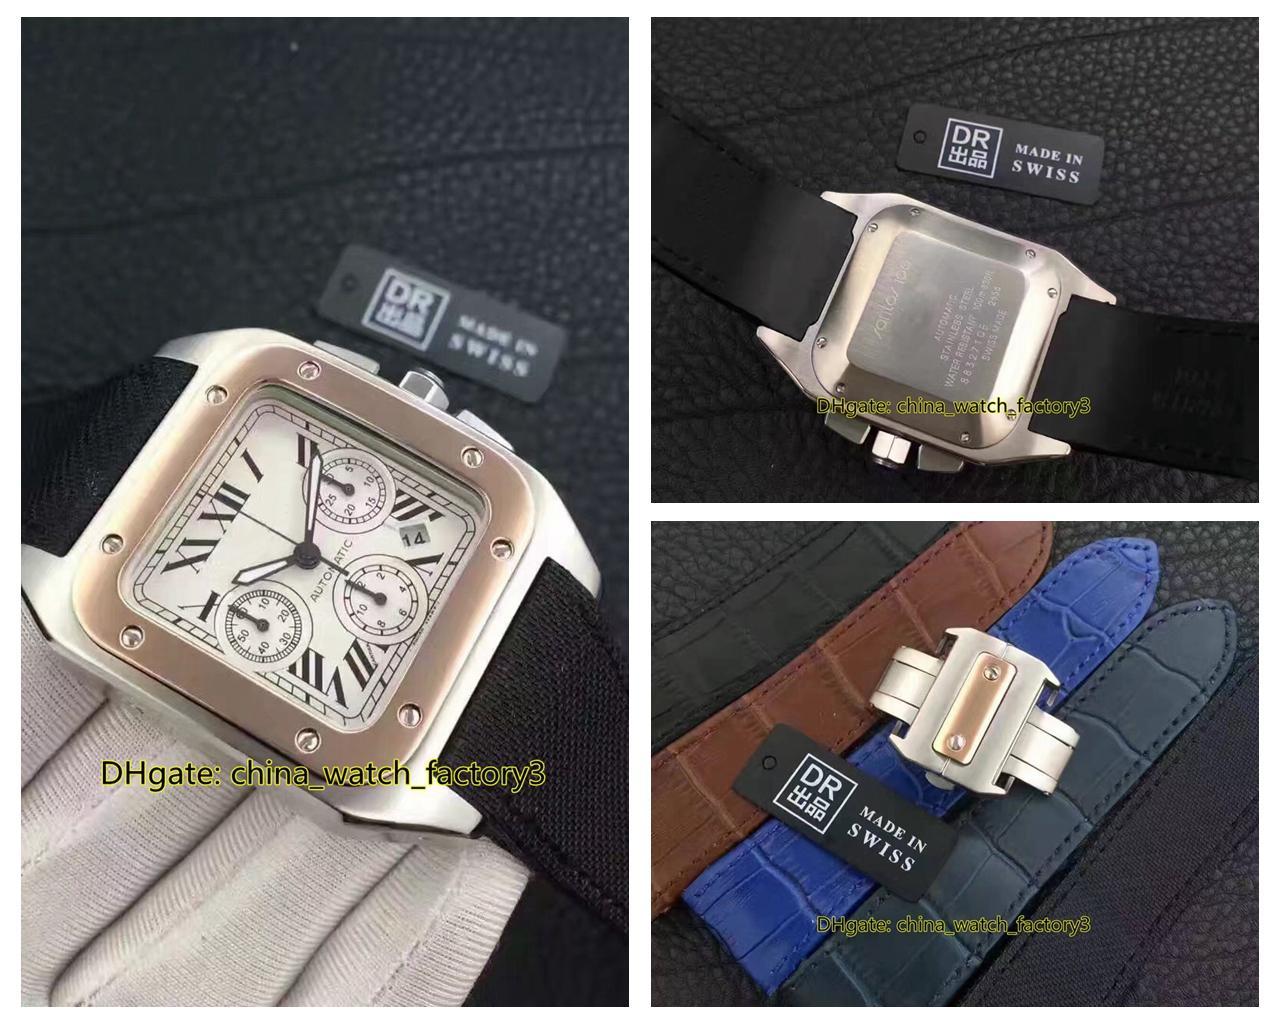 5 Стиль Best Quality DR Maker 38мм SAN100 W20090X8 Хронограф Платина Азии EAT 7750 Механизм Автоматический Мужские часы Часы